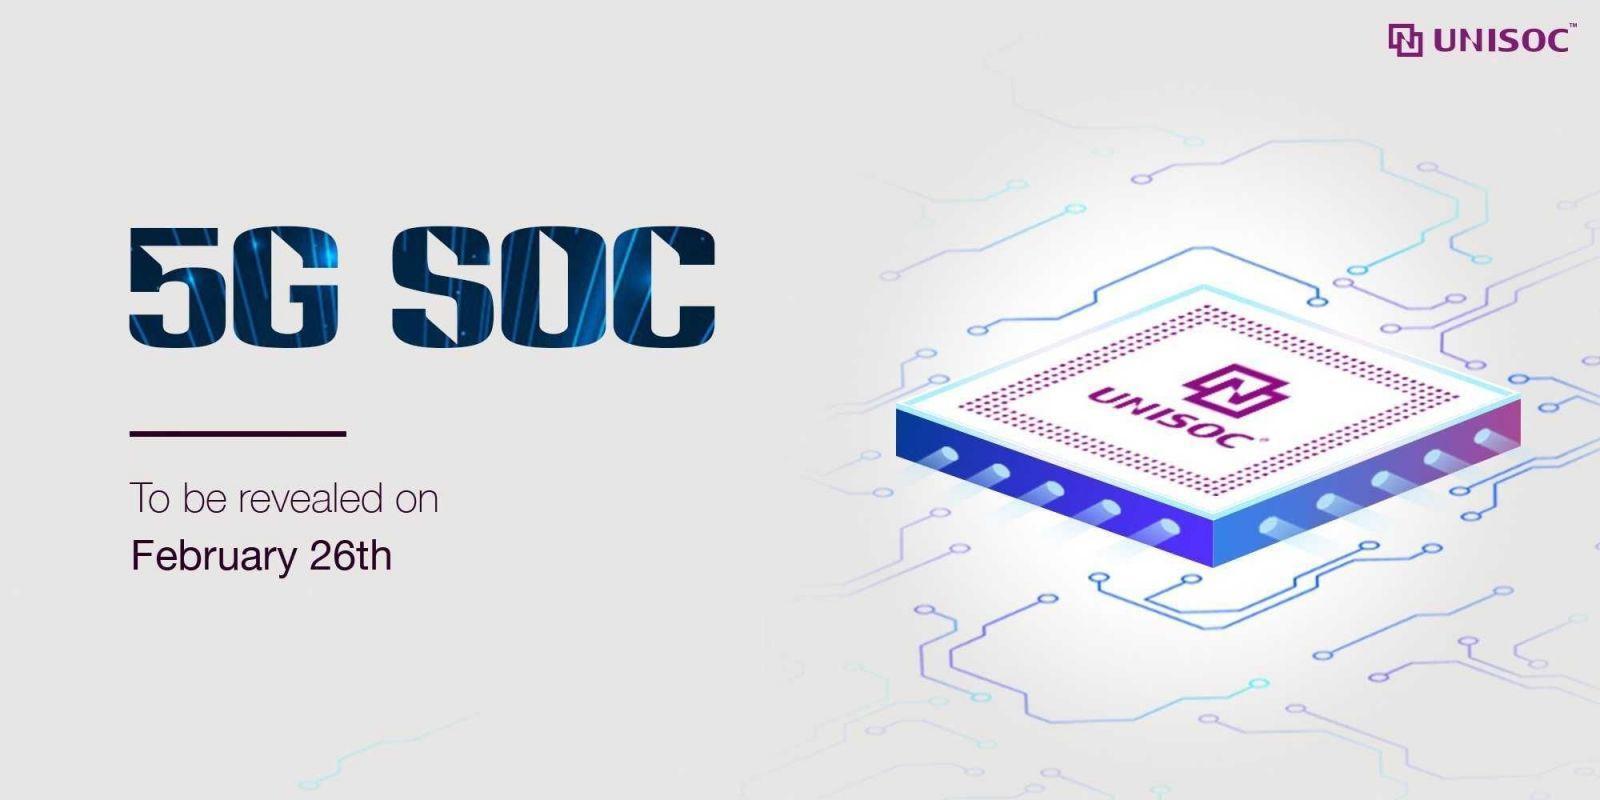 unisoc-5g-soc-launch Бренд UNISOC представит сегодня   свой первый 5G SoC